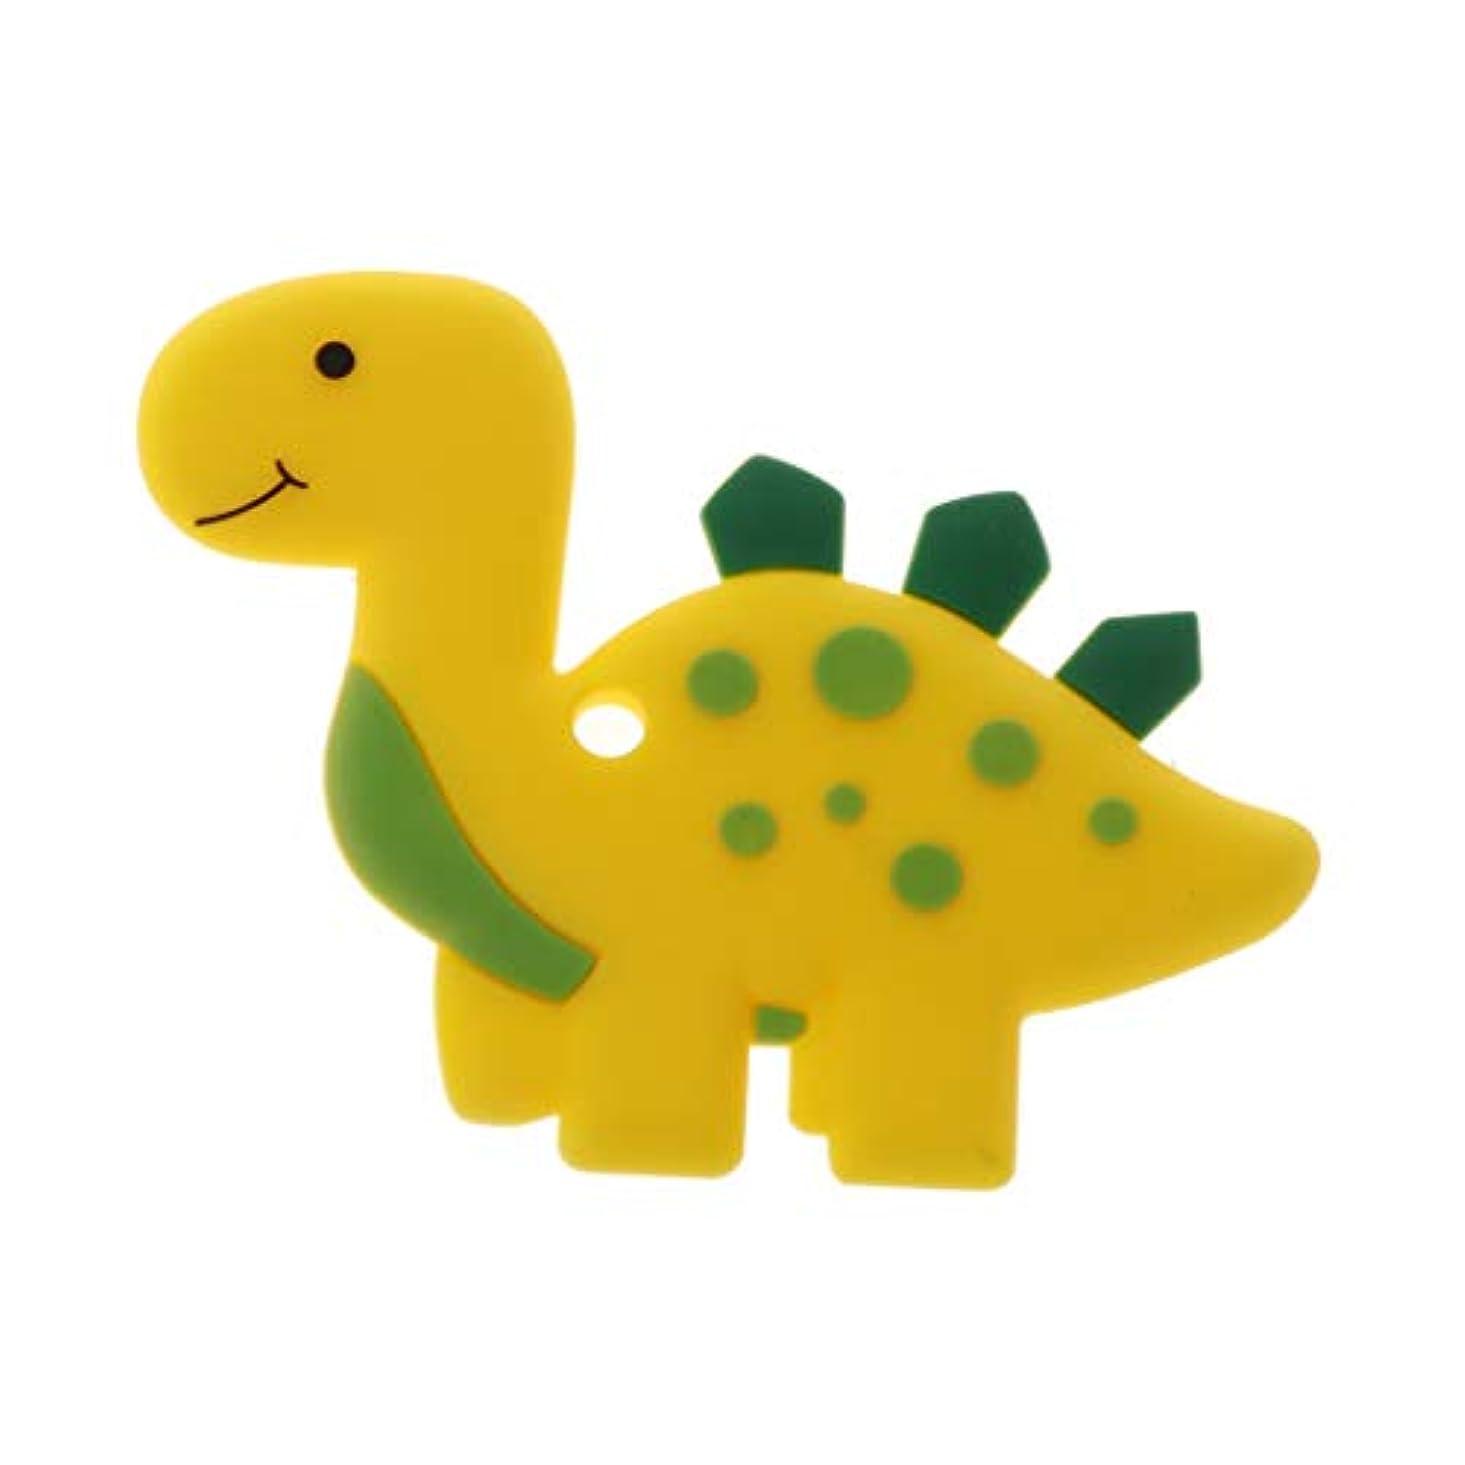 船誓い浜辺Landdumシリコーンおしゃぶり恐竜おしゃべり赤ちゃん看護玩具かむ玩具歯が生えるガラガラおもちゃ - ロイヤルブルー